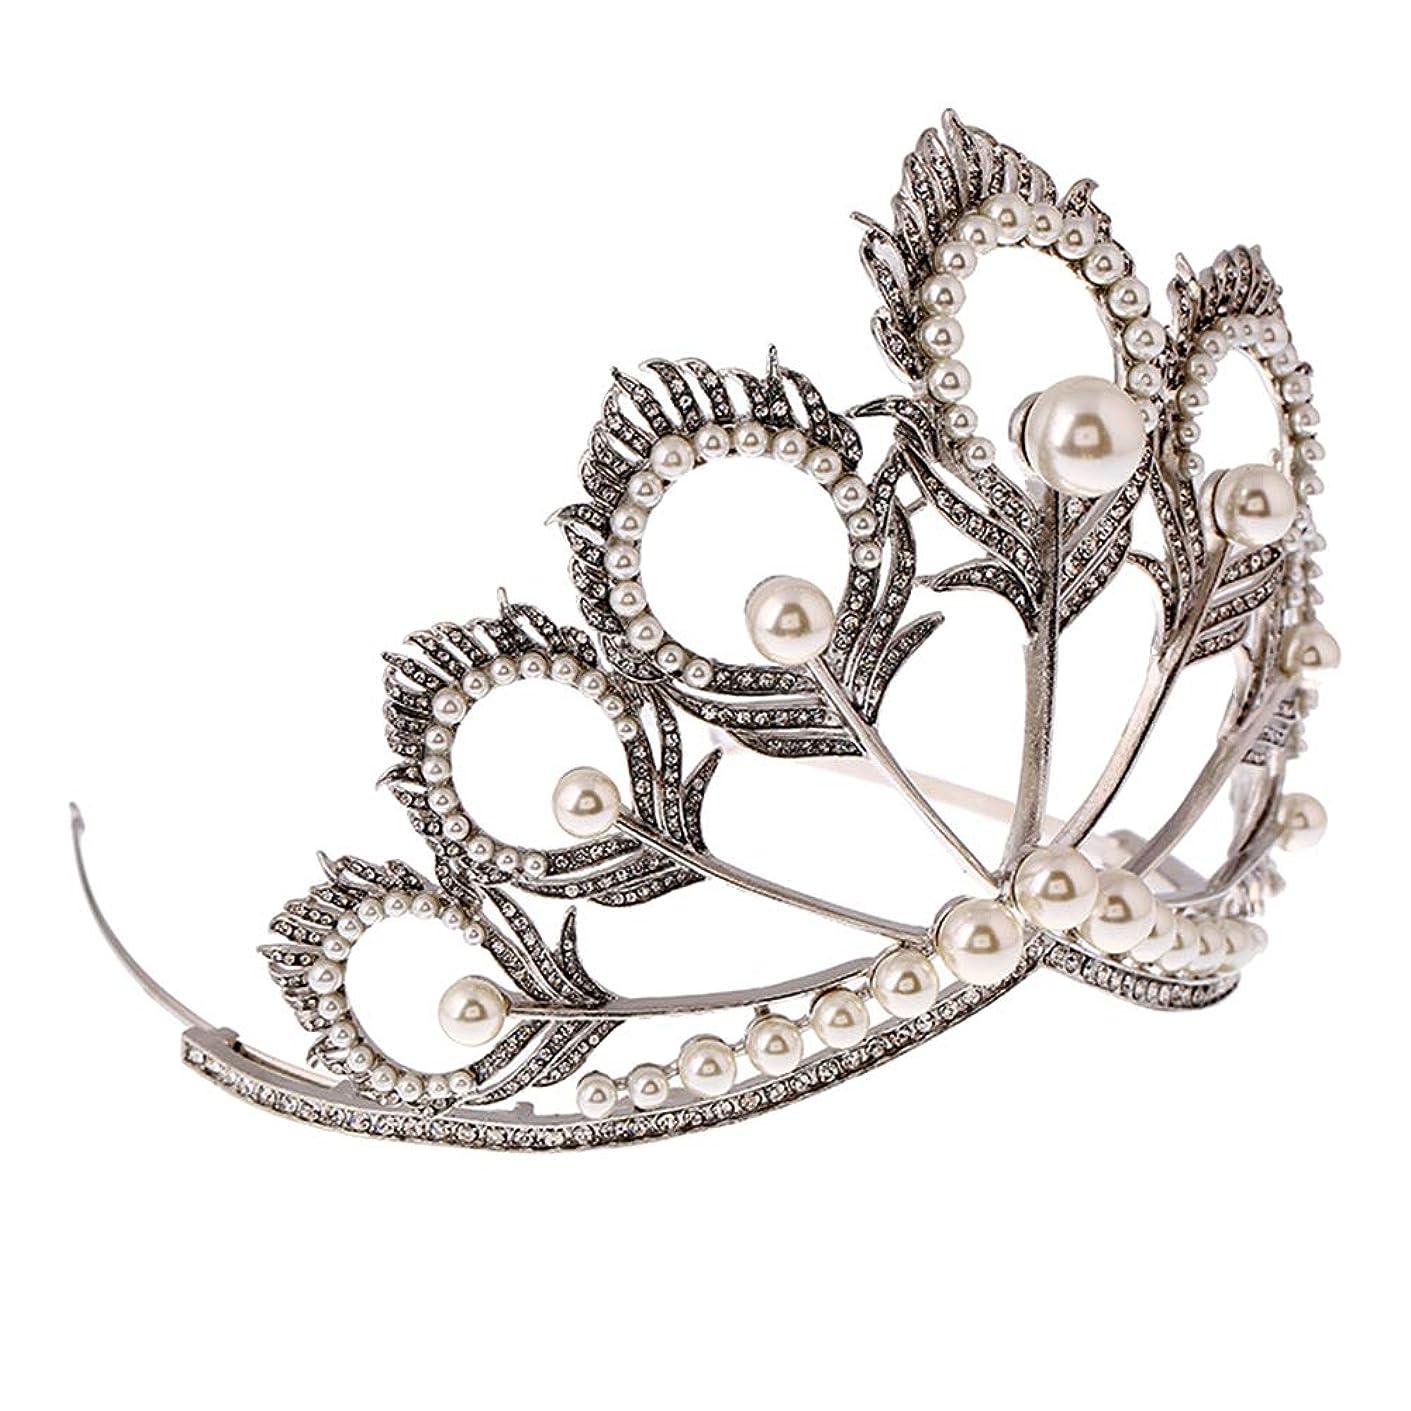 クレーターありそう版Lurrose 女性のための真珠の羽形のティアラ高級手作りクラウンとラインストーンクラウンピーコック